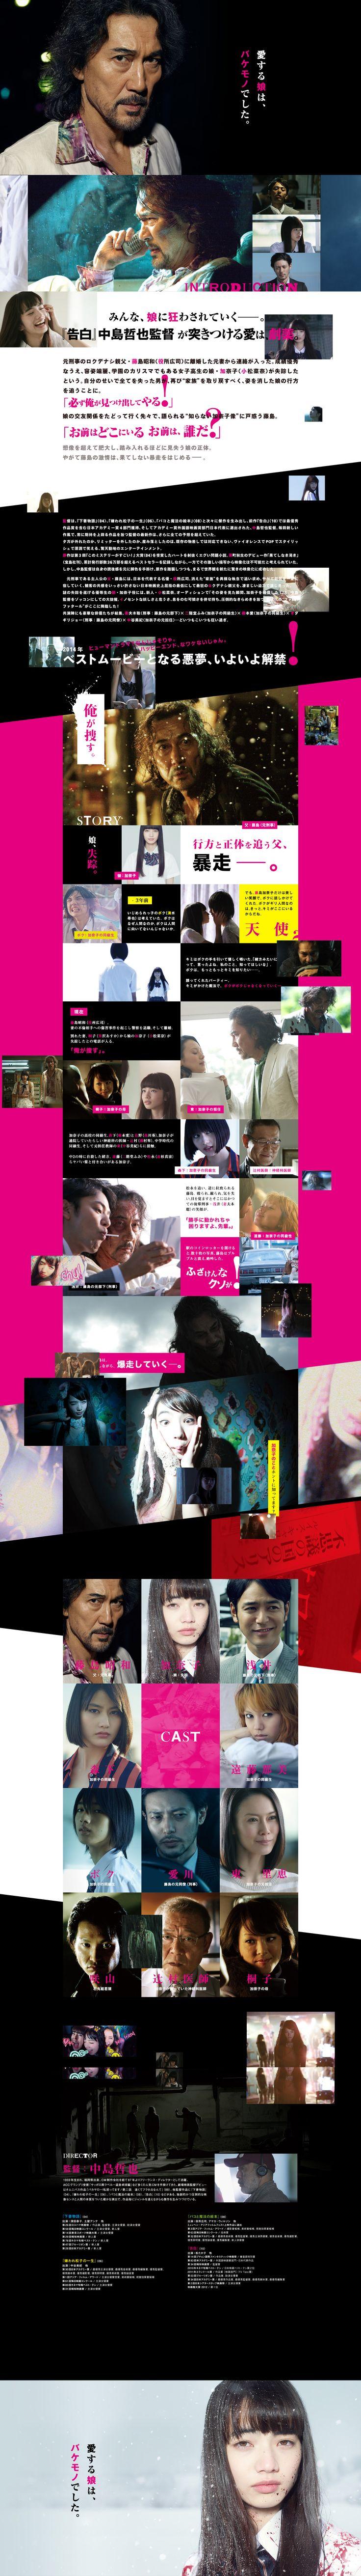 映画『渇き。』-story page #グリッドレイアウト #ダイナミックな配置 #ビビッドカラー #映画 #渇き。 #パララックス #文字のアニメーション